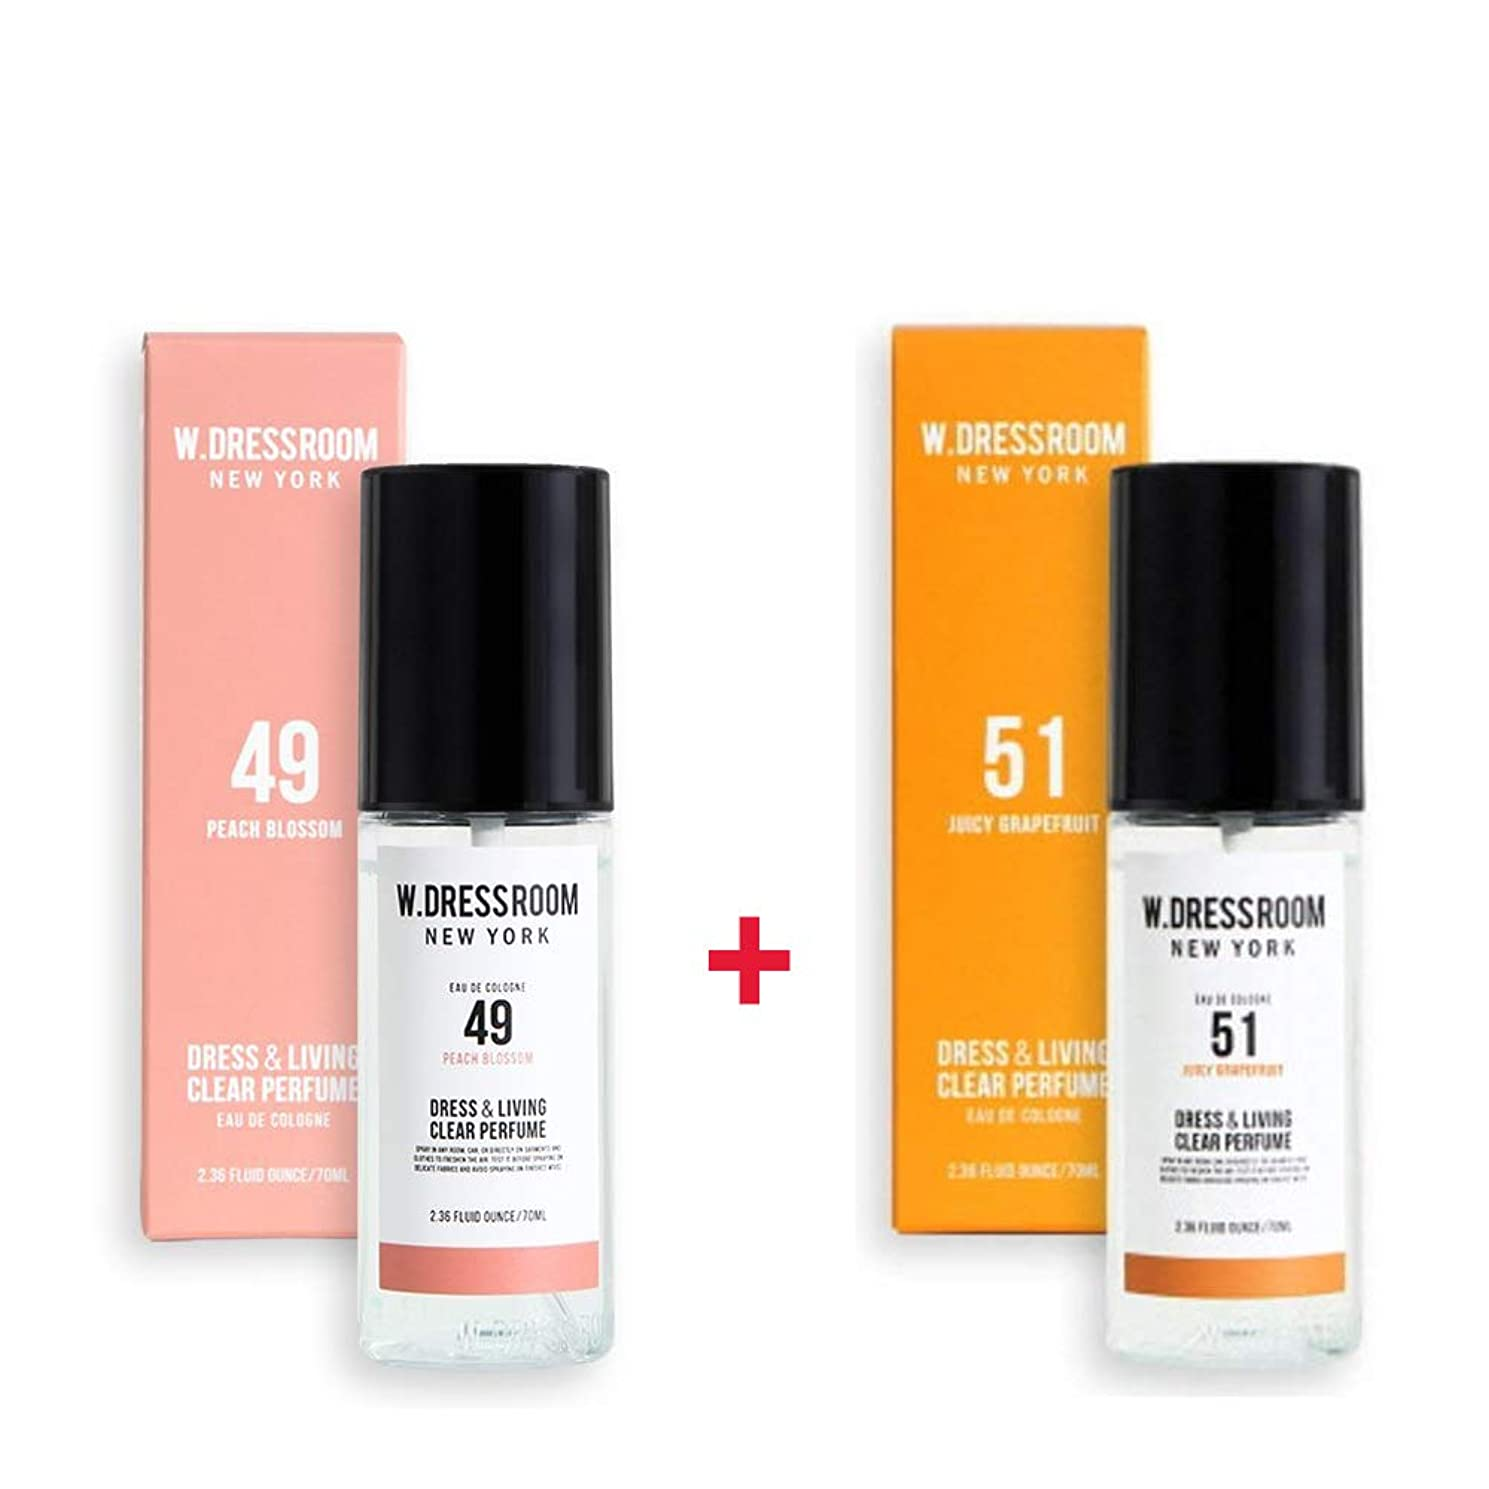 明るくする基礎雇用W.DRESSROOM Dress & Living Clear Perfume 70ml (No 49 Peach Blossom)+(No 51 Juicy Grapefruit)